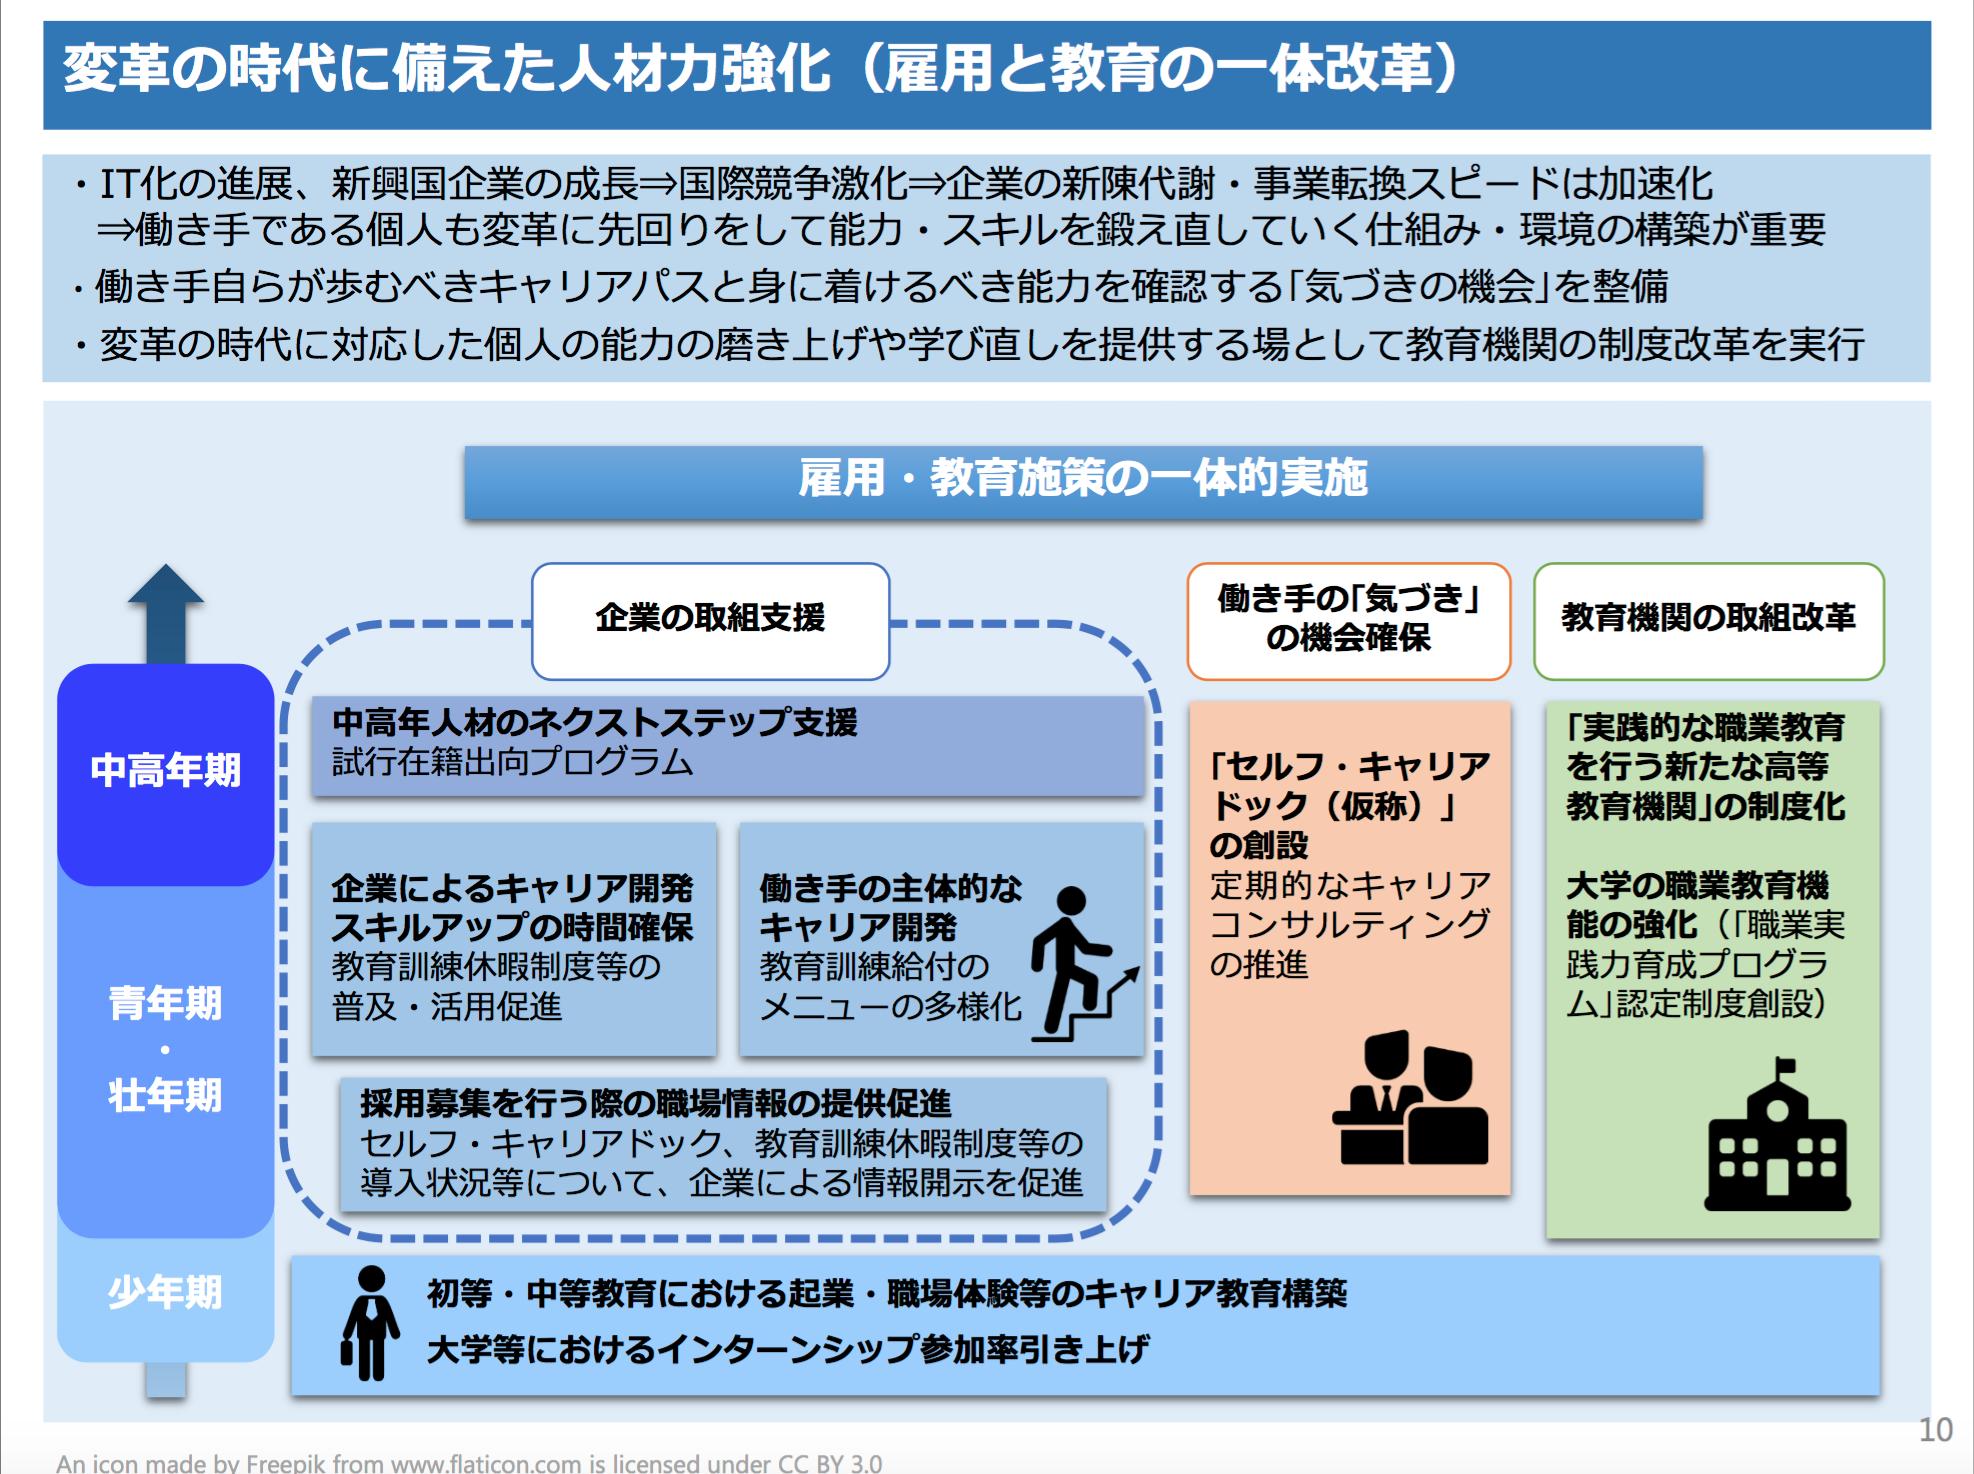 日本再興戦略2015ー10